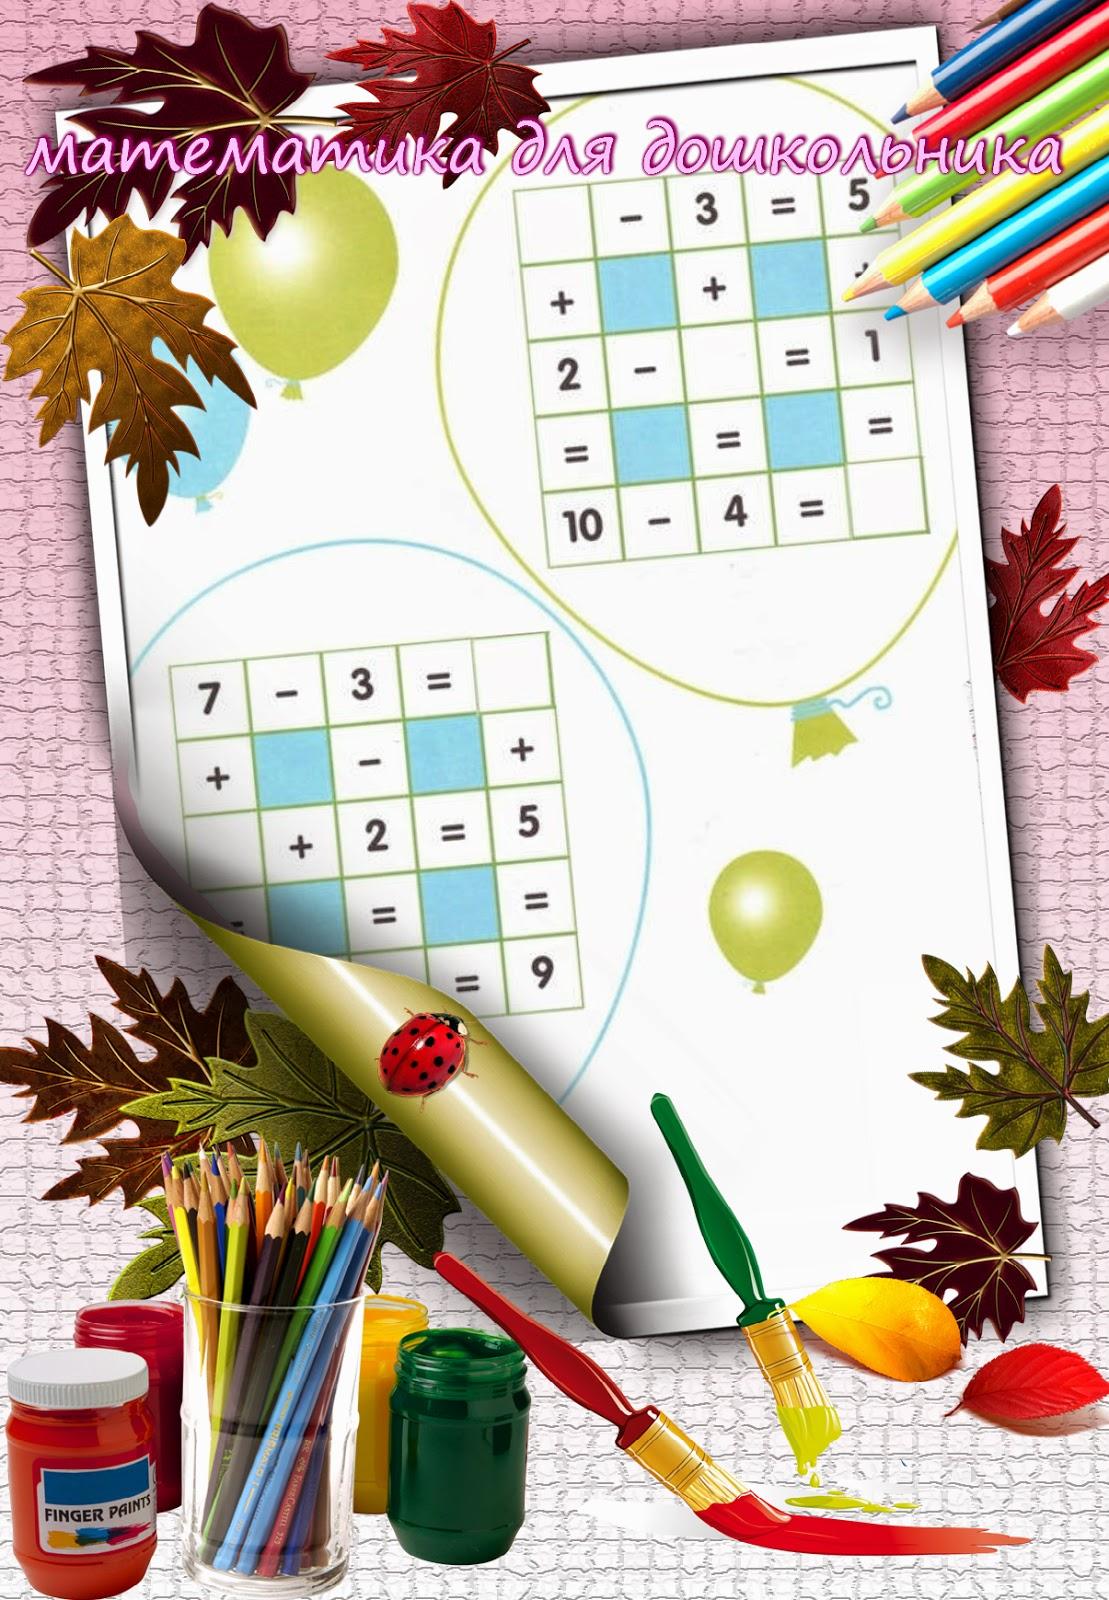 http://zabotlivimroditelyam.blogspot.com/p/blog-page_8.html